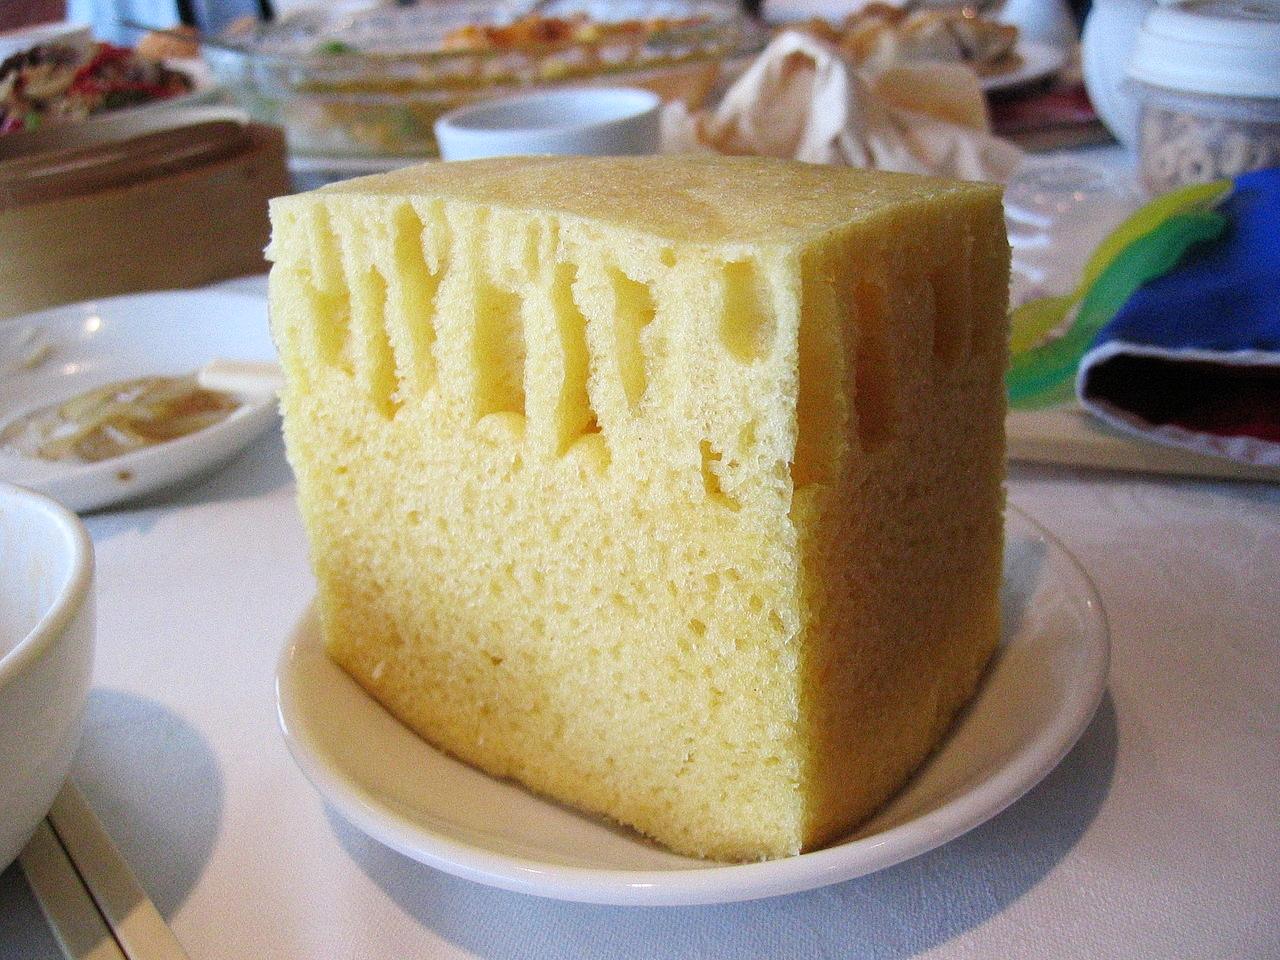 1280px-Sponge_cake_at_Top_Cantonese_Restaurant.jpg